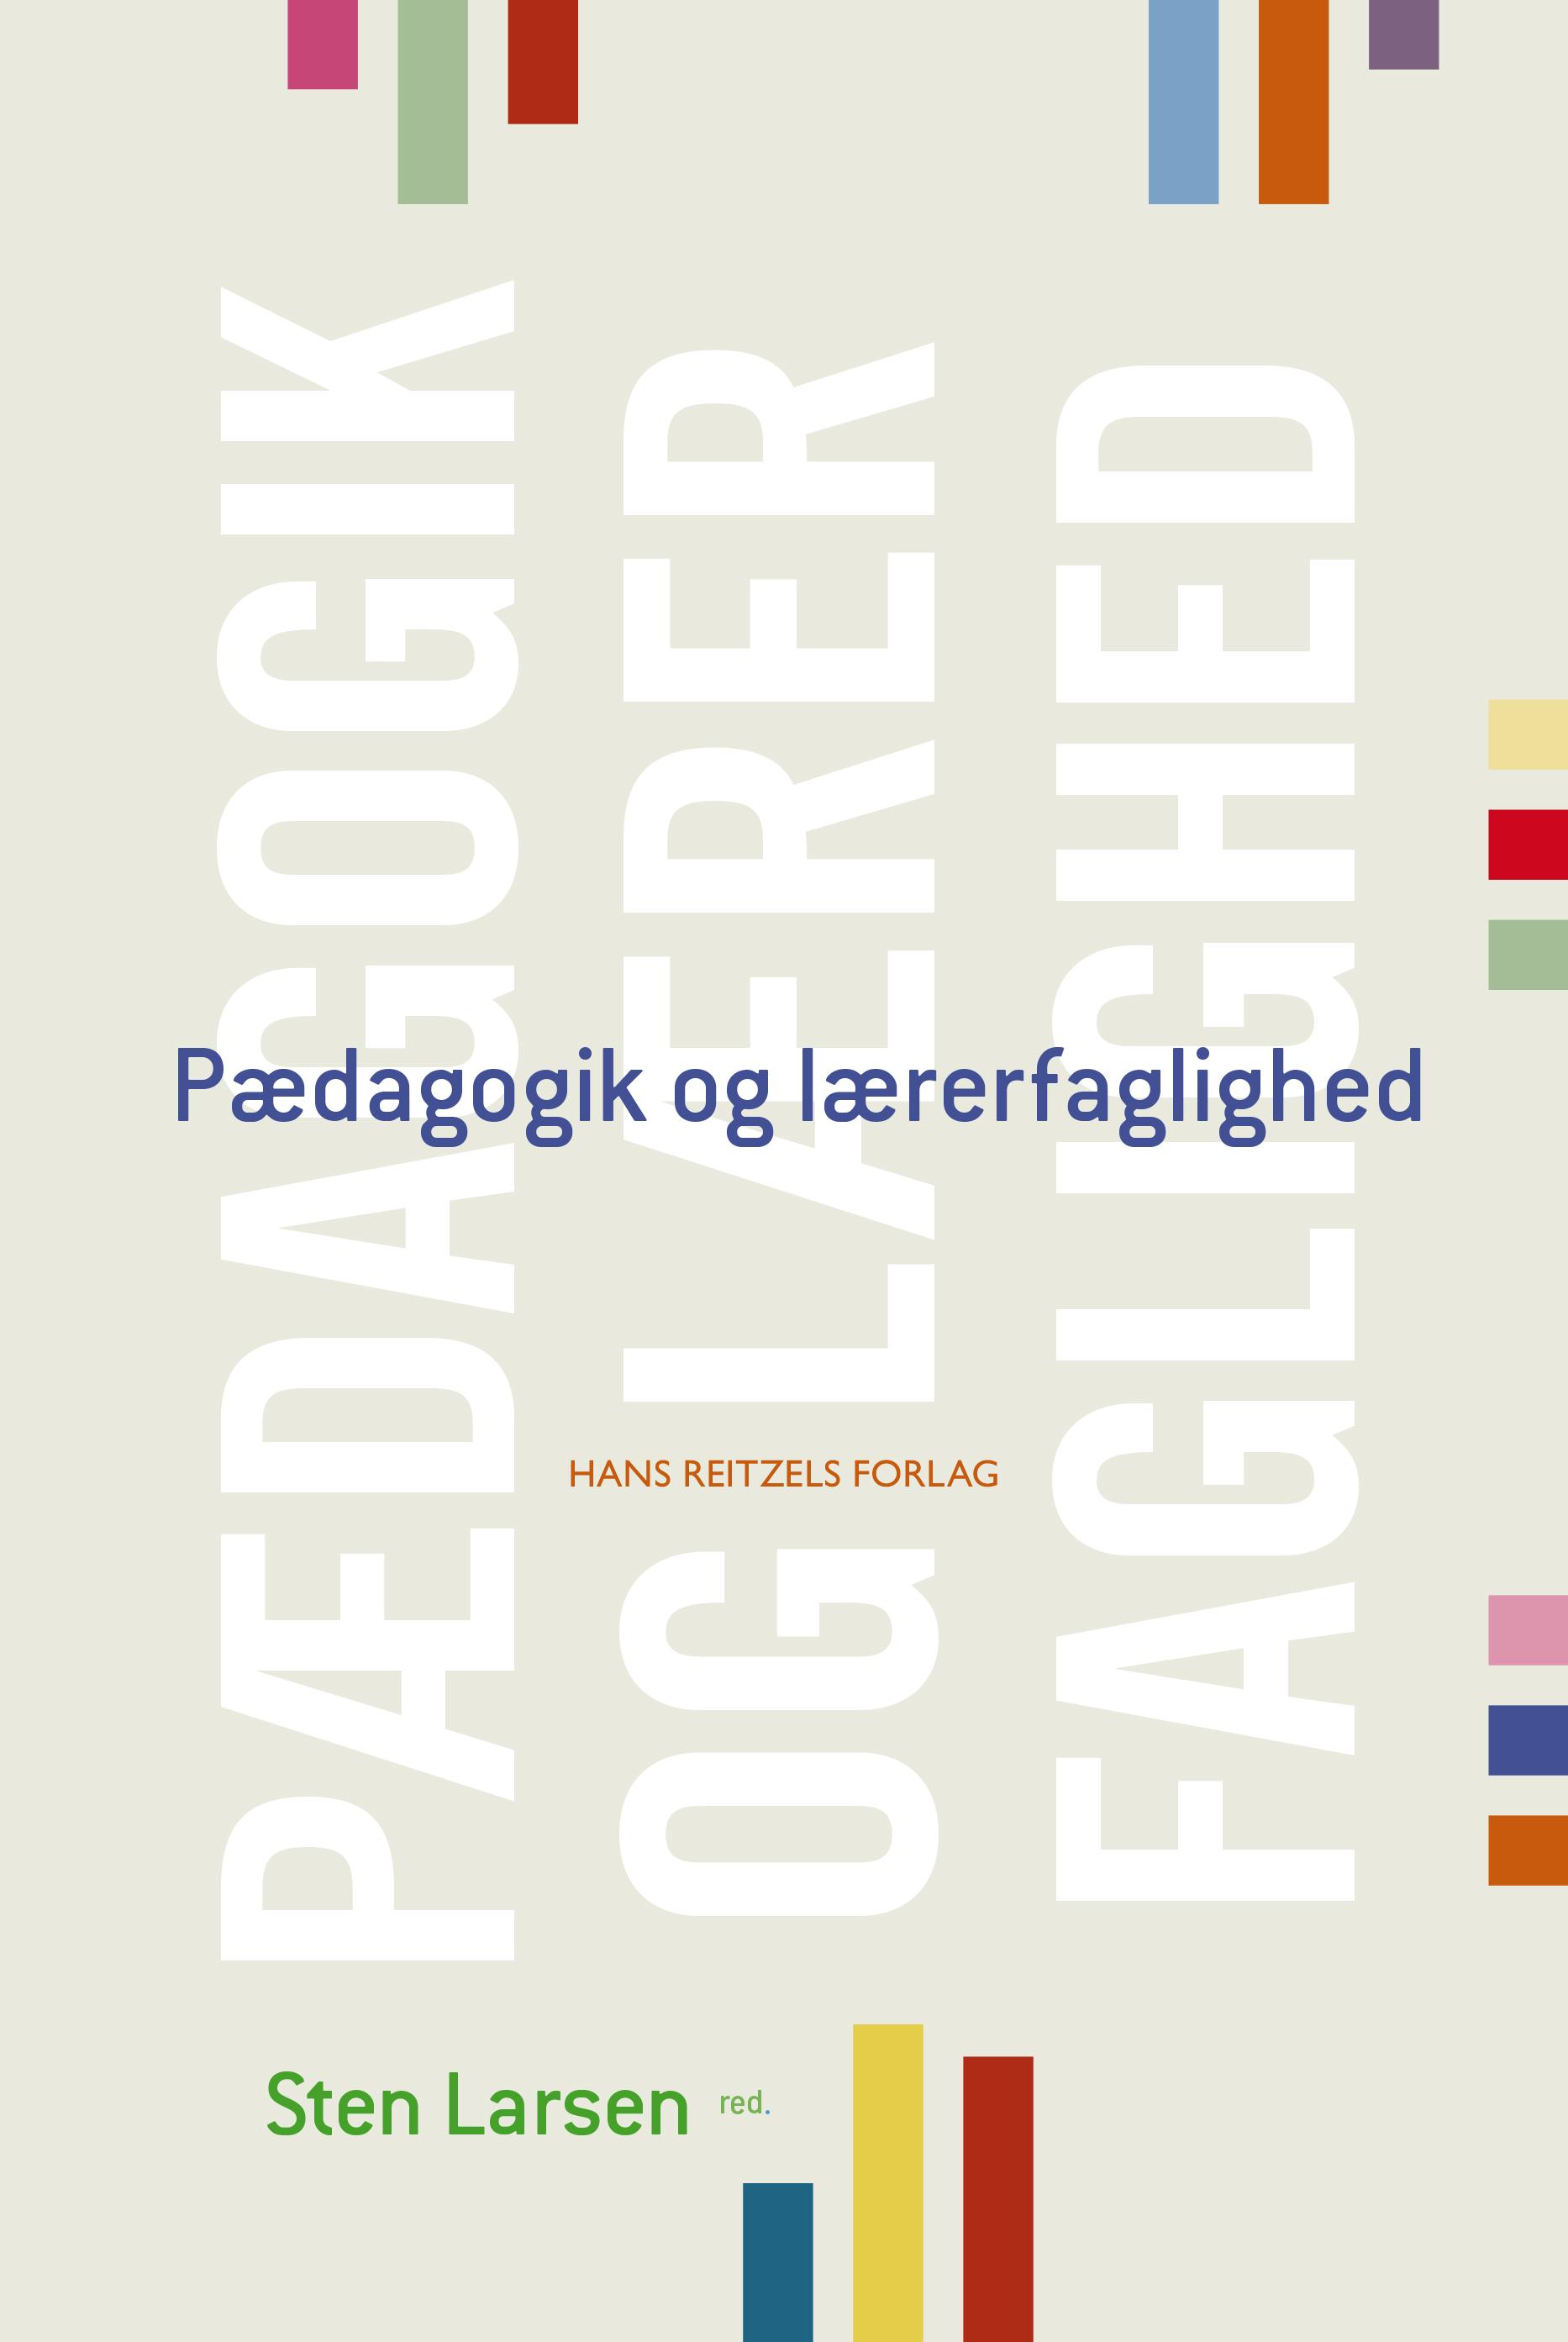 Pædagogik og lærerfaglighed